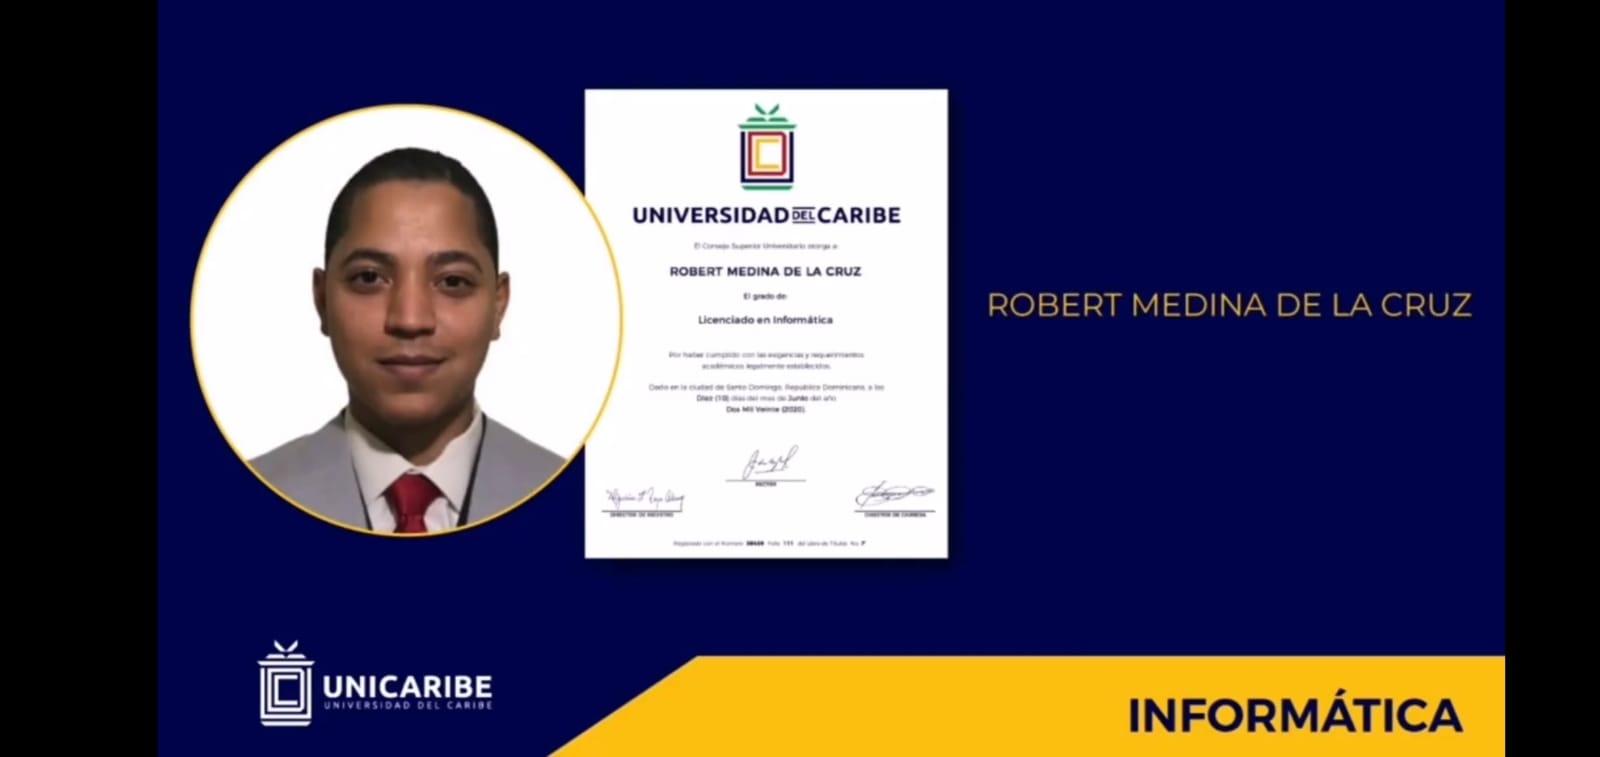 Robert Medina de la Cruz, se graduó como licenciado en Informática, por la Universidad del Caribe.